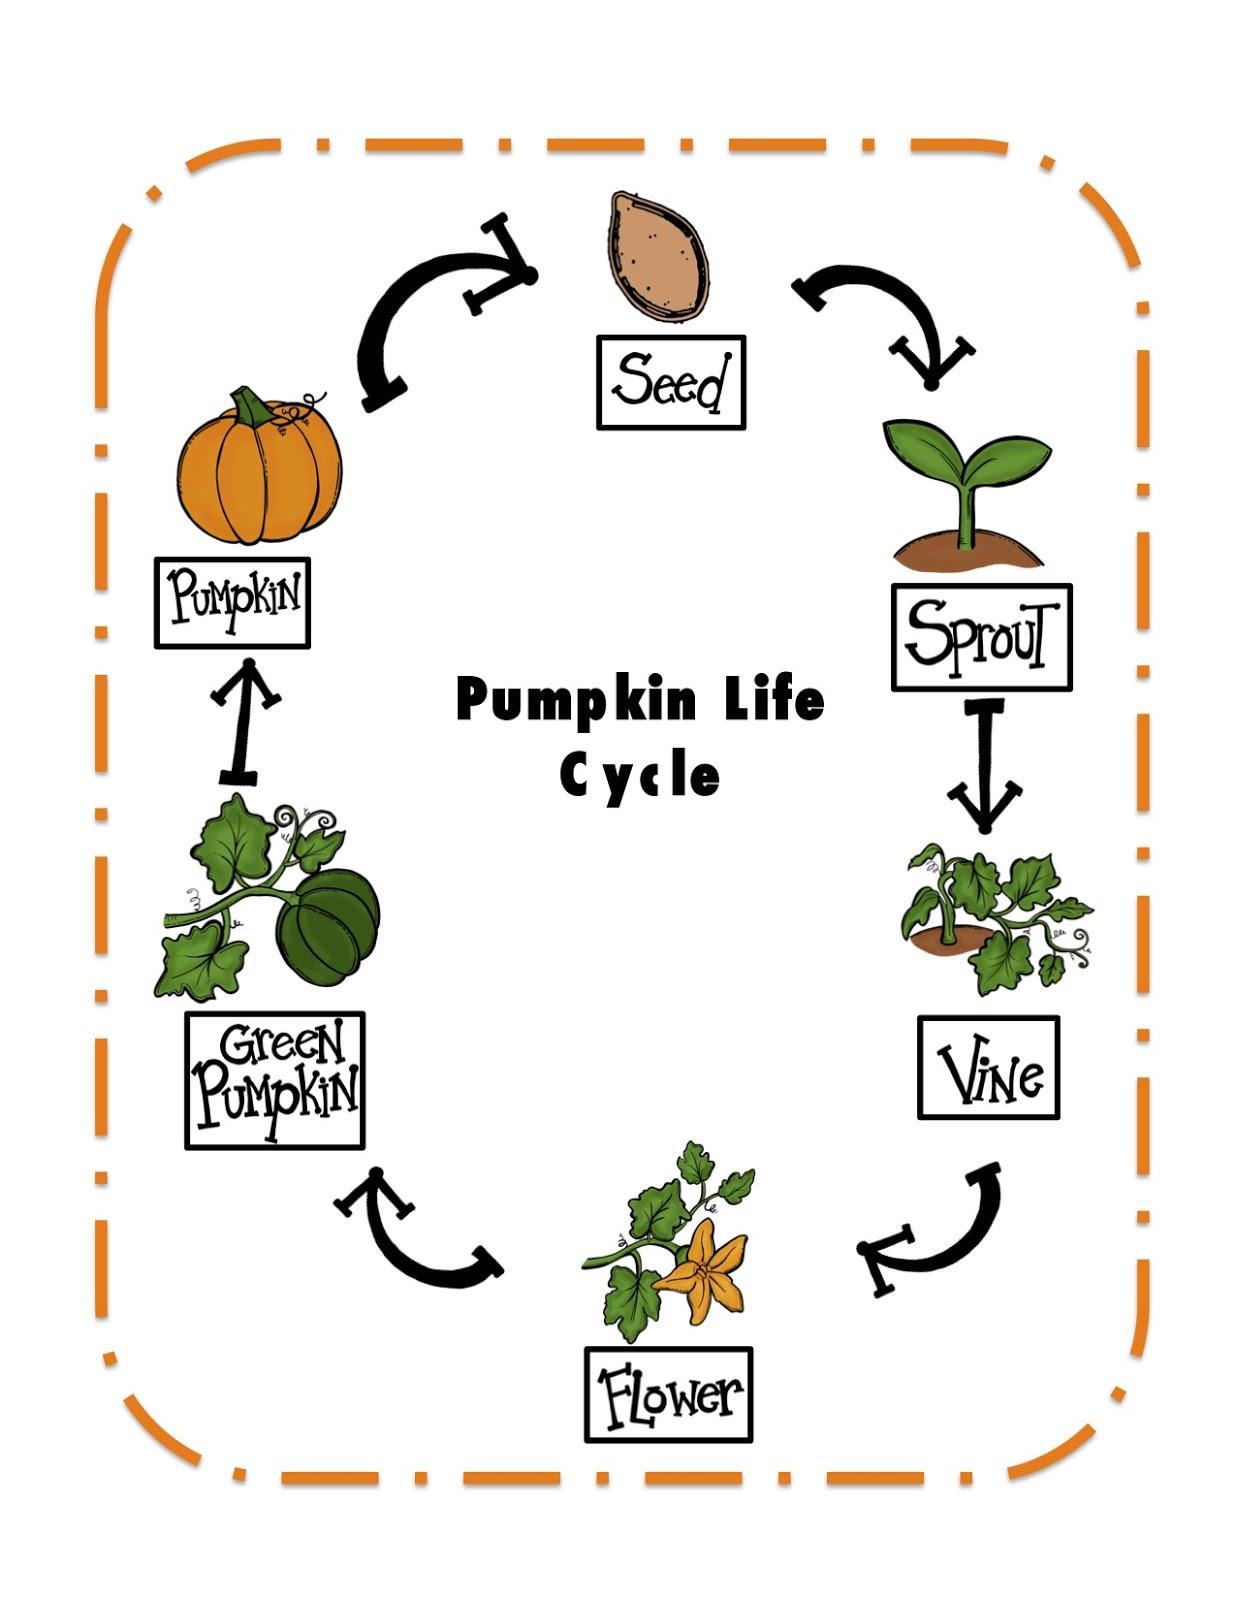 Free Worksheet Life Cycle Of A Pumpkin Worksheet pumpkin life cycle worksheet workbook site printable preschool printables